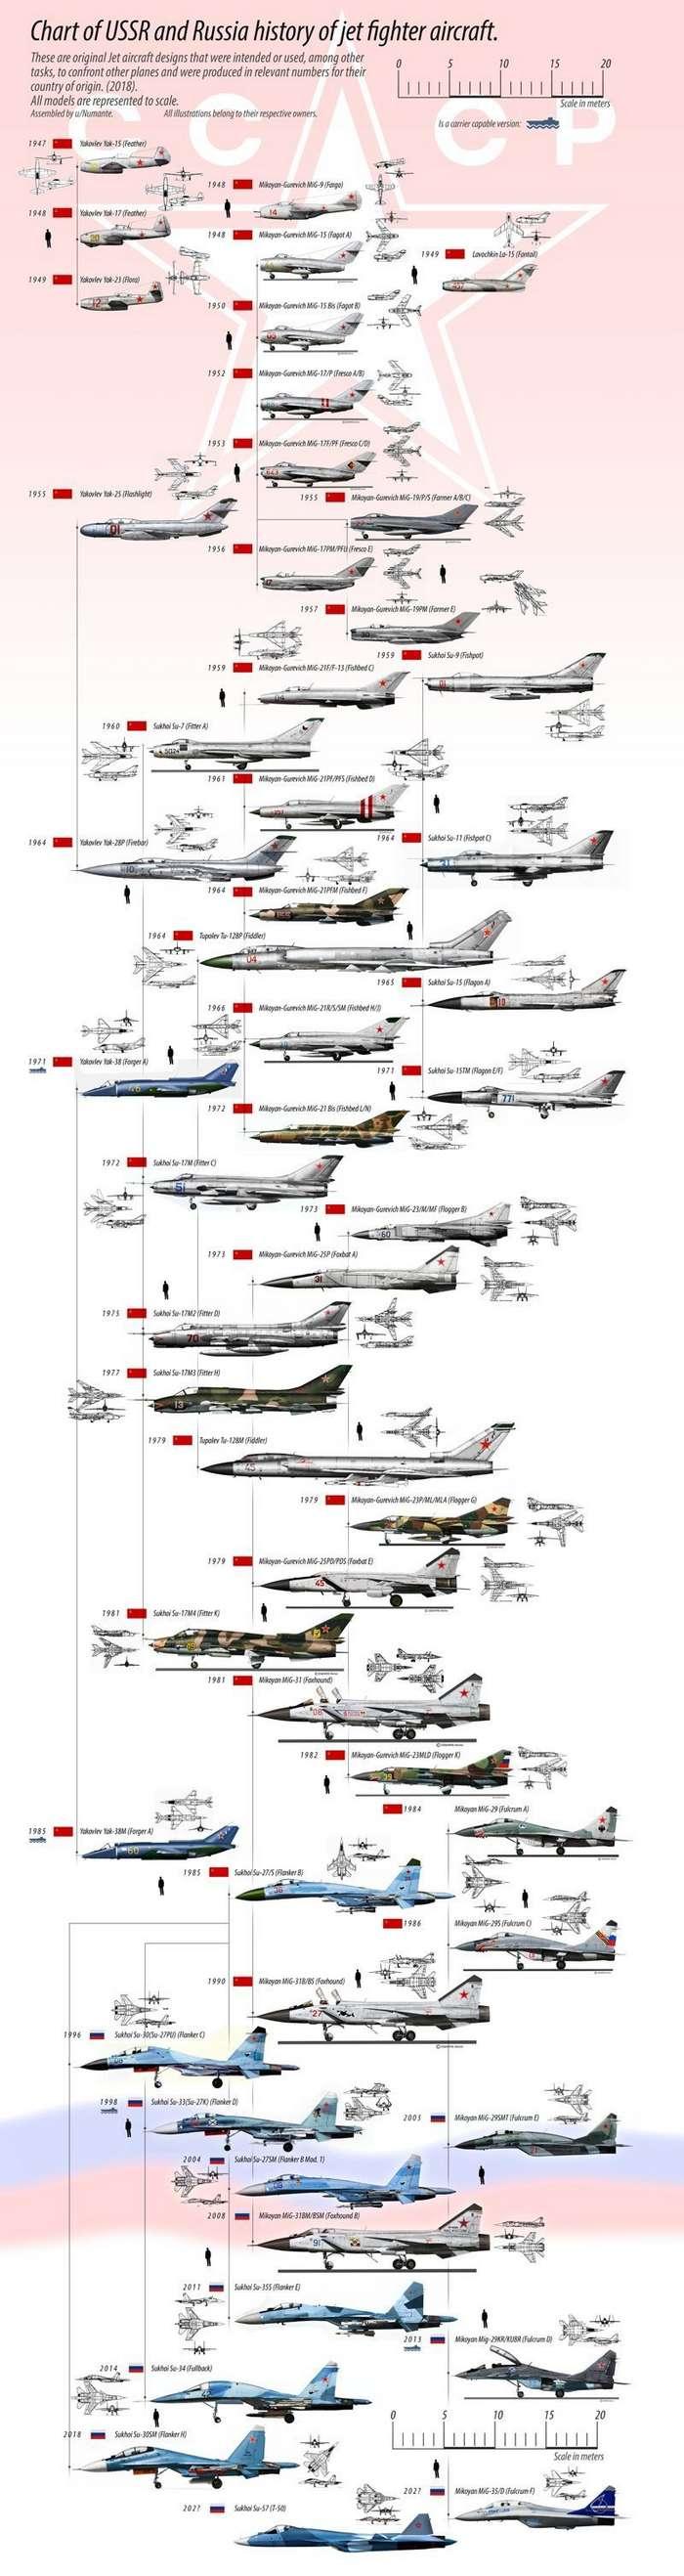 Развитие реактивной авиации СССР и России-2 фото-